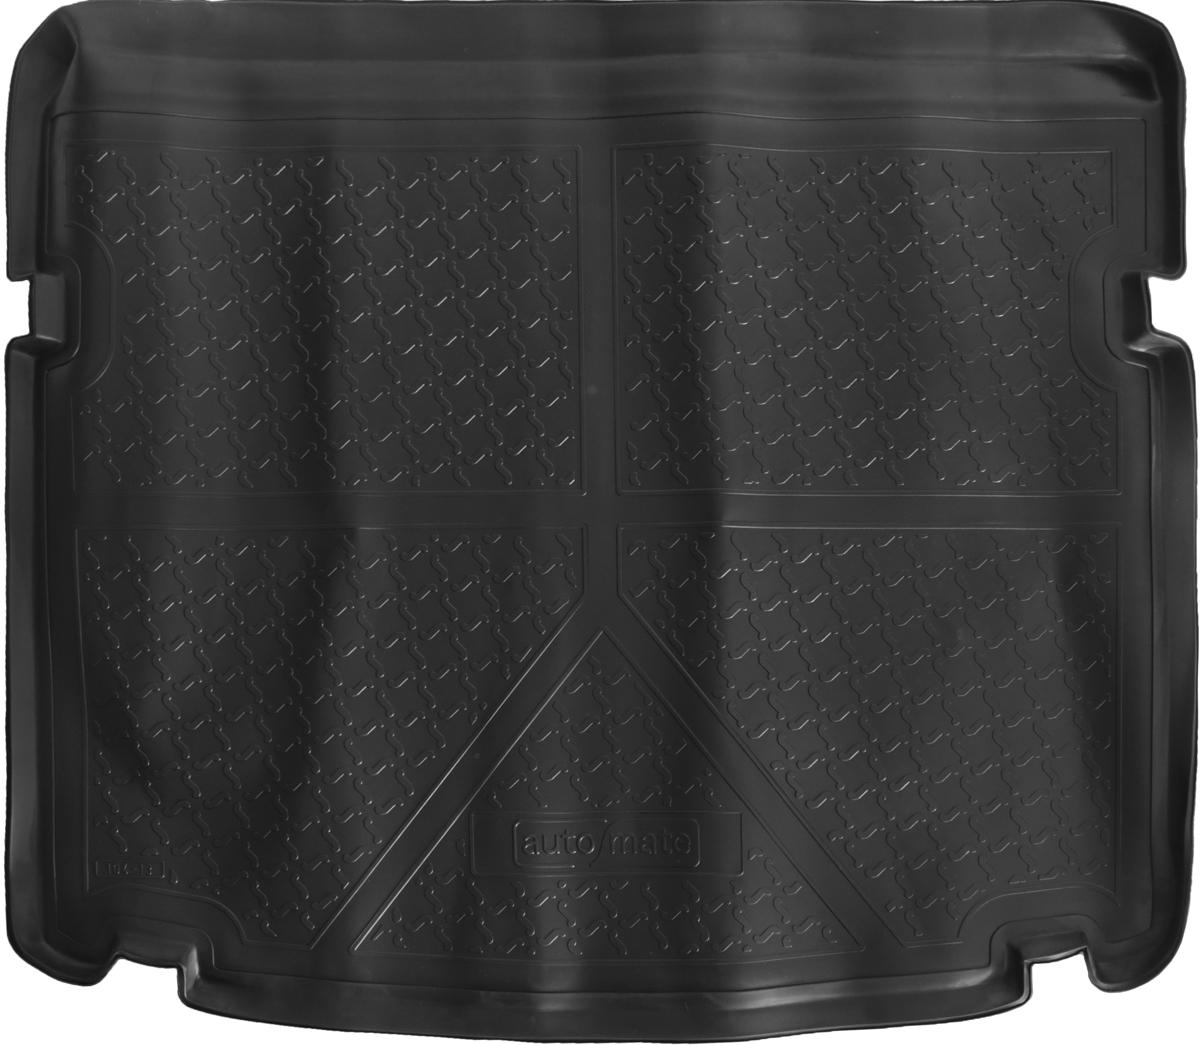 Коврик багажника Rival для Chevrolet Cruze (SD)2009-, полиуретан11003003Коврик багажника Rival позволяет надежно защитить и сохранить от грязи багажный отсек вашего автомобиля на протяжении всего срока эксплуатации, полностью повторяют геометрию багажника.- Высокий борт специальной конструкции препятствует попаданию разлившейся жидкости и грязи на внутреннюю отделку.- Произведены из первичных материалов, в результате чего отсутствует неприятный запах в салоне автомобиля.- Рисунок обеспечивает противоскользящую поверхность, благодаря которой перевозимые предметы не перекатываются в багажном отделении, а остаются на своих местах.- Высокая эластичность, можно беспрепятственно эксплуатировать при температуре от -45 °C до +45 °C.- Изготовлены из высококачественного и экологичного материала, не подверженного воздействию кислот, щелочей и нефтепродуктов. Уважаемые клиенты!Обращаем ваше внимание,что коврик имеет формусоответствующую модели данного автомобиля. Фото служит для визуального восприятия товара.